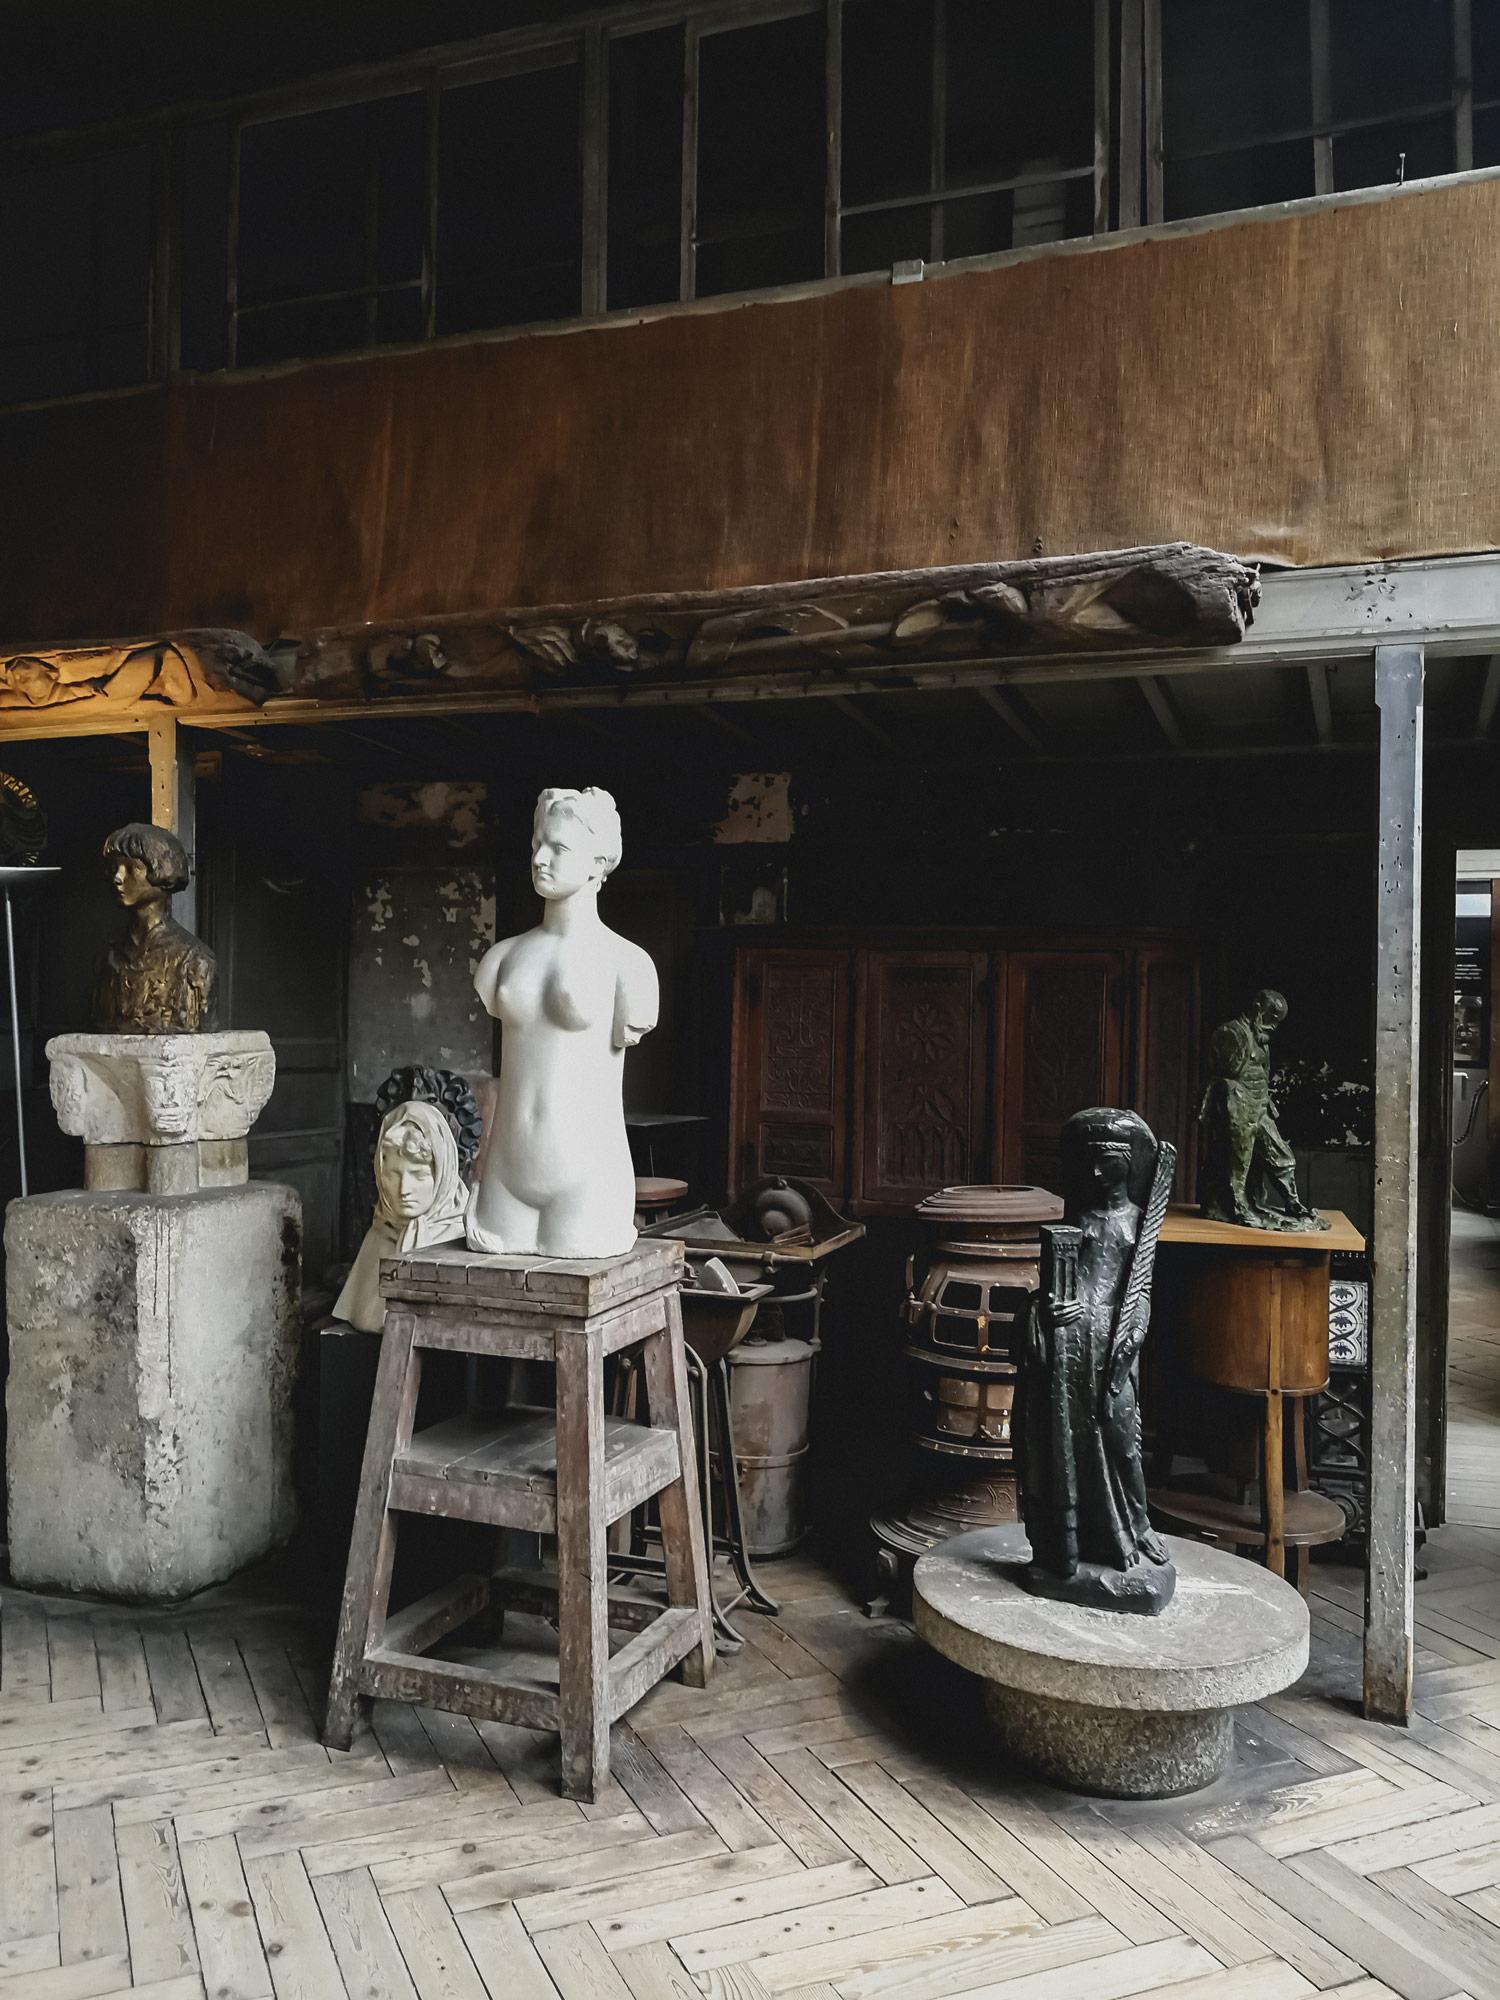 Travel In Paris: Bourdelle Museum - www.AuthenticInterior.com DESIGN BLOG